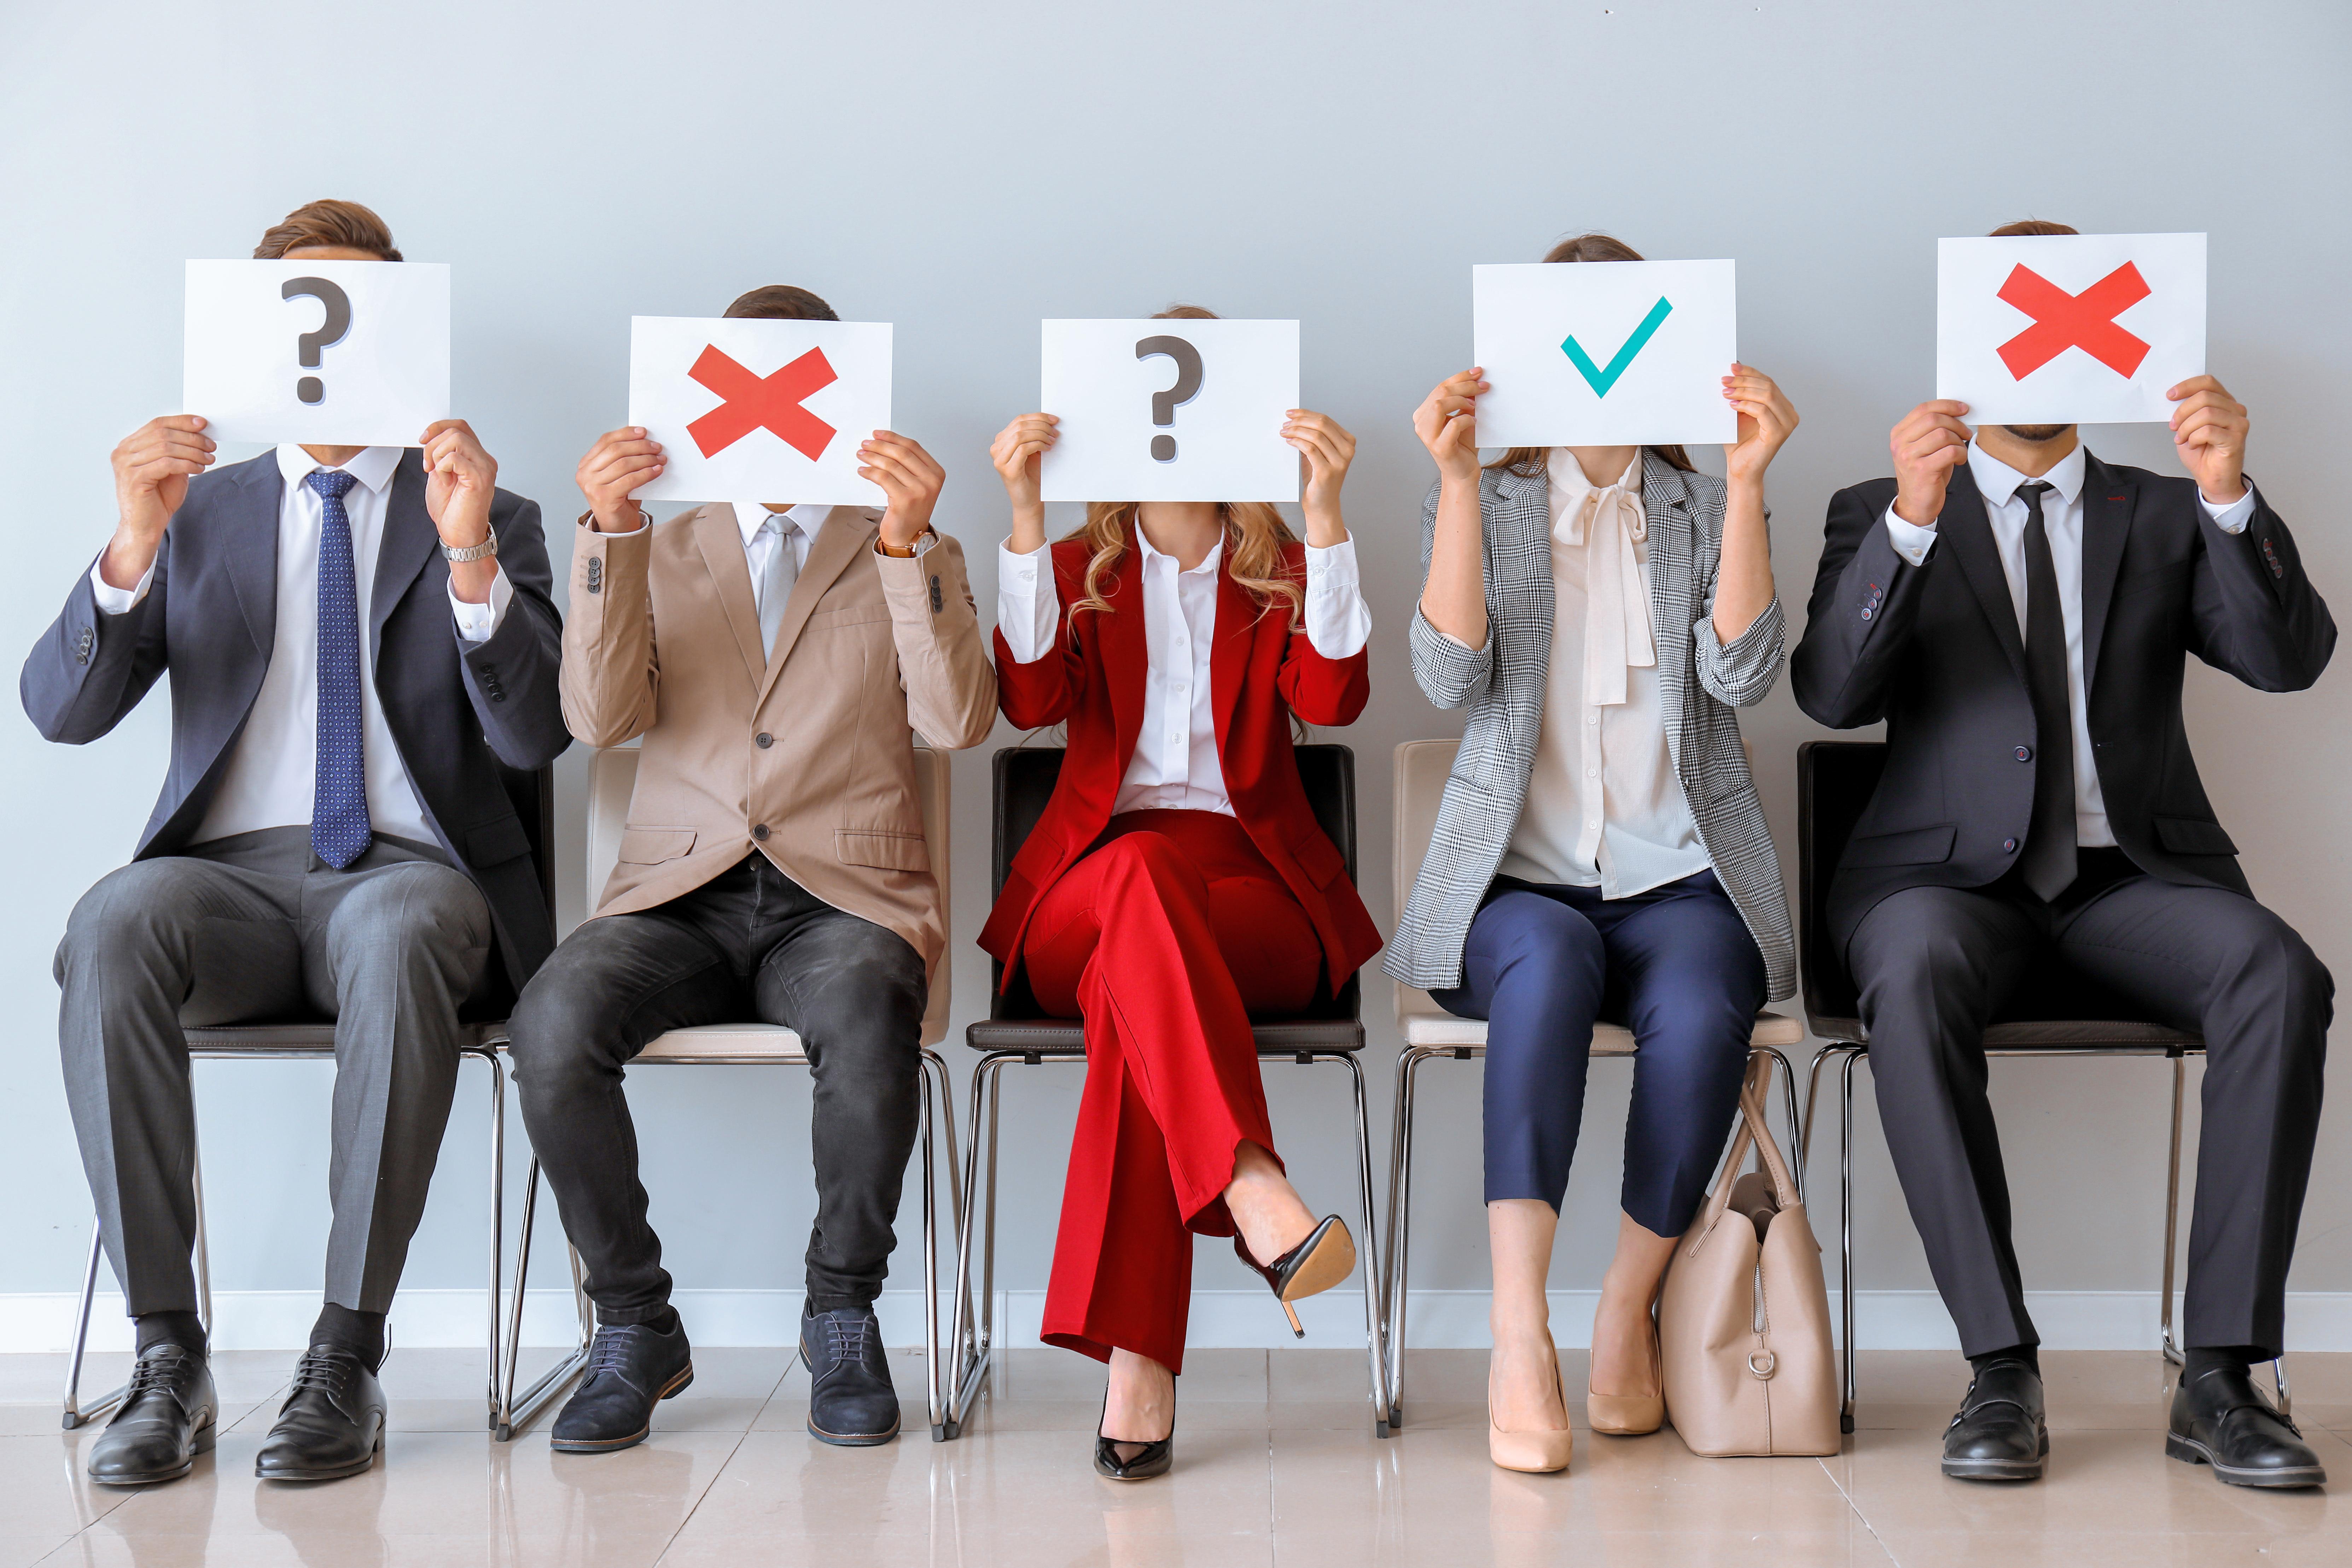 Mannerisms for Job Interviews